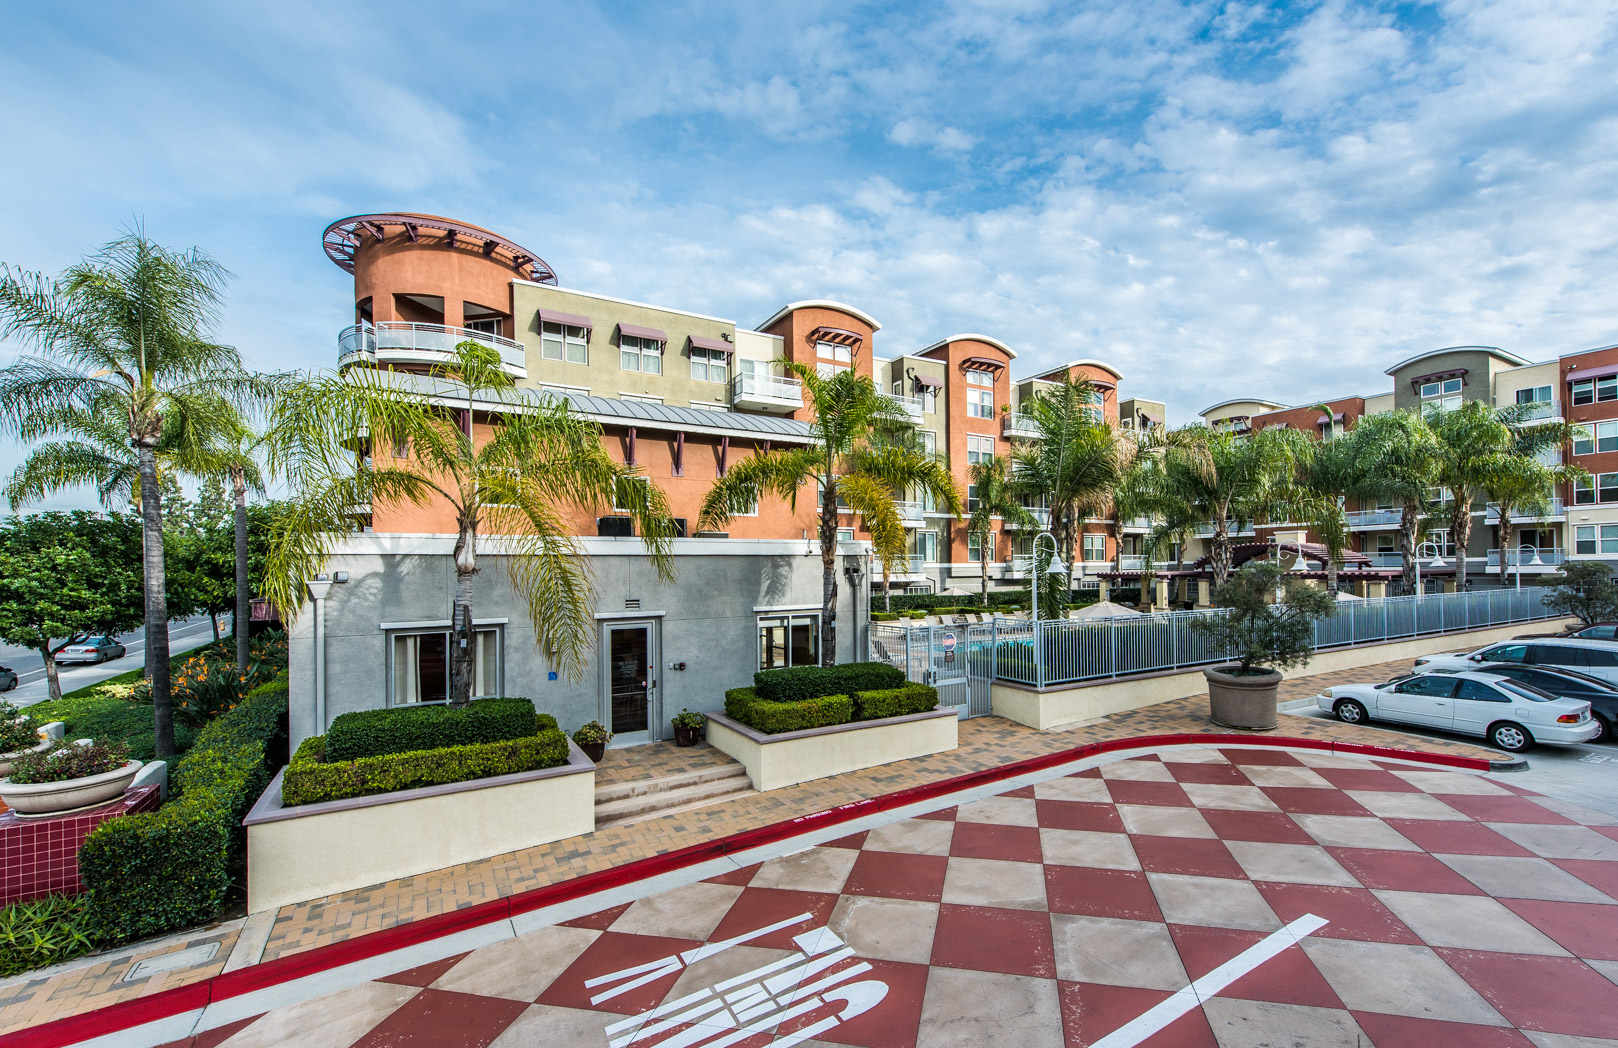 MLS #: PW17037135 12668 Chapman Av #2201, Garden Grove 92840 Condominium 2 bedrooms, 2 bathrooms. 1,169 sq. ft. $409,000